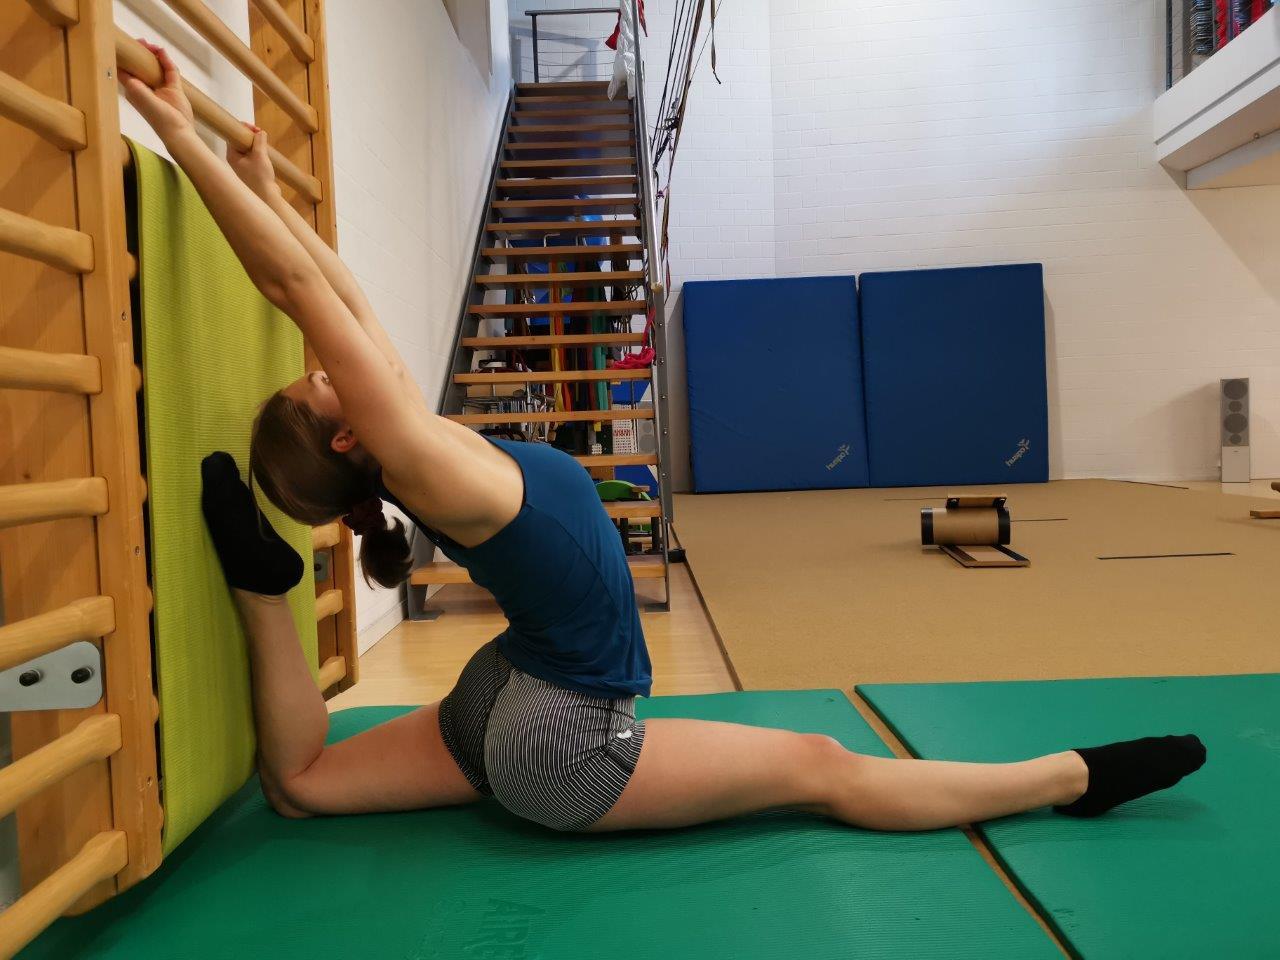 Spagat, Kontorsion, akrobatik.ch KLG, Dietlikon Zürich